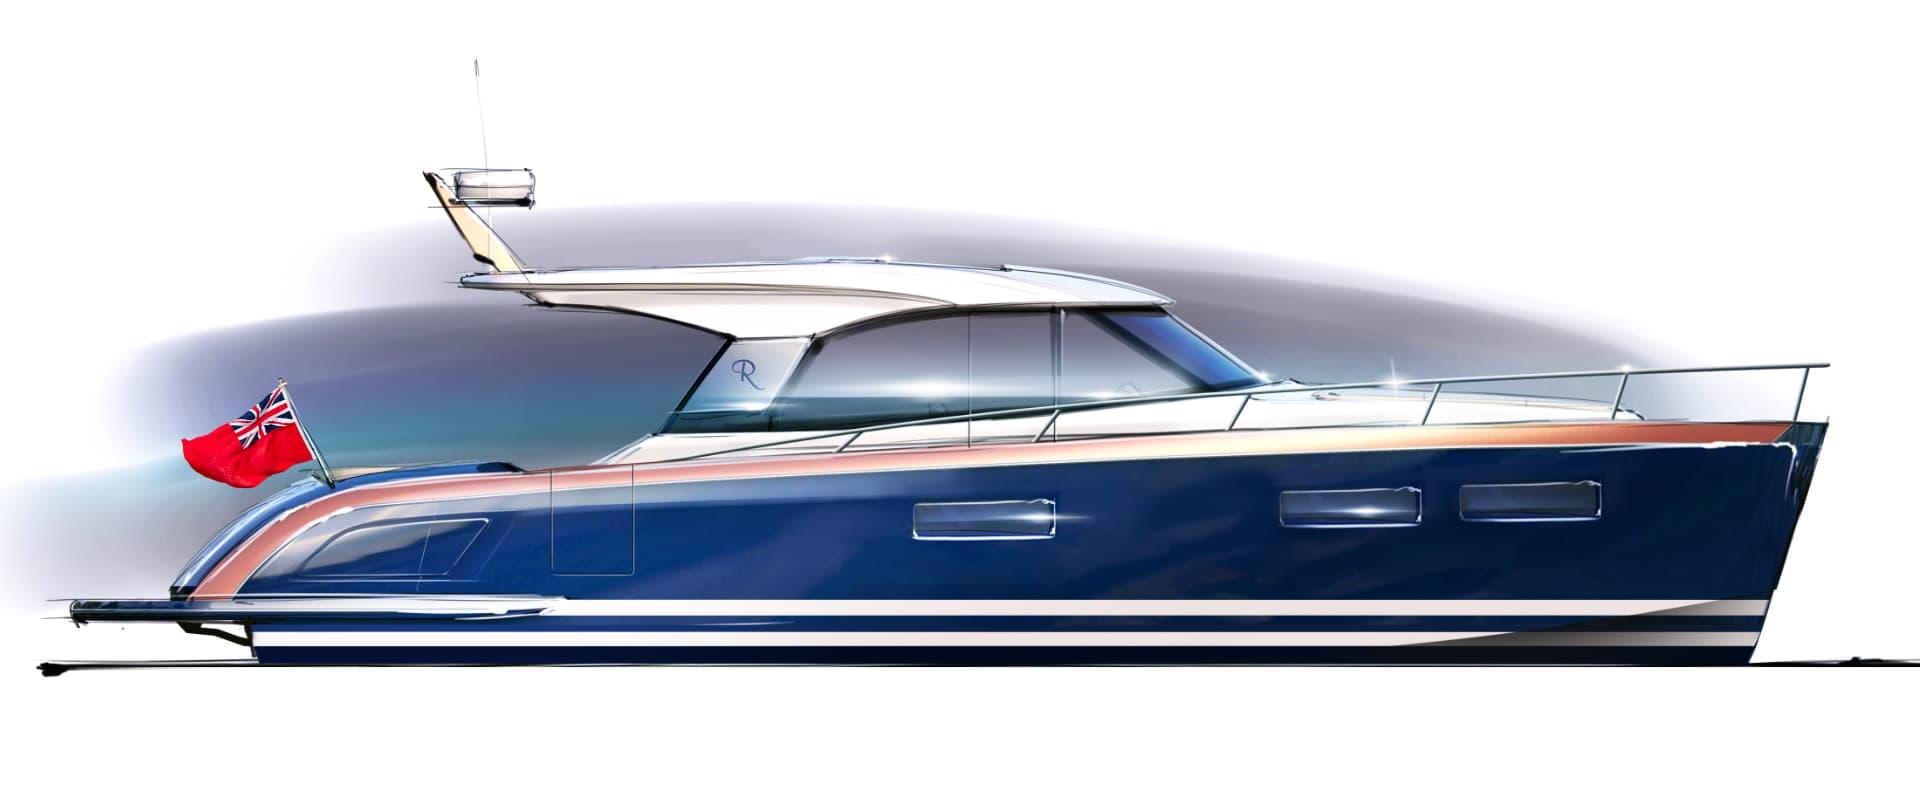 Rustler 41 Motor Yacht - profile